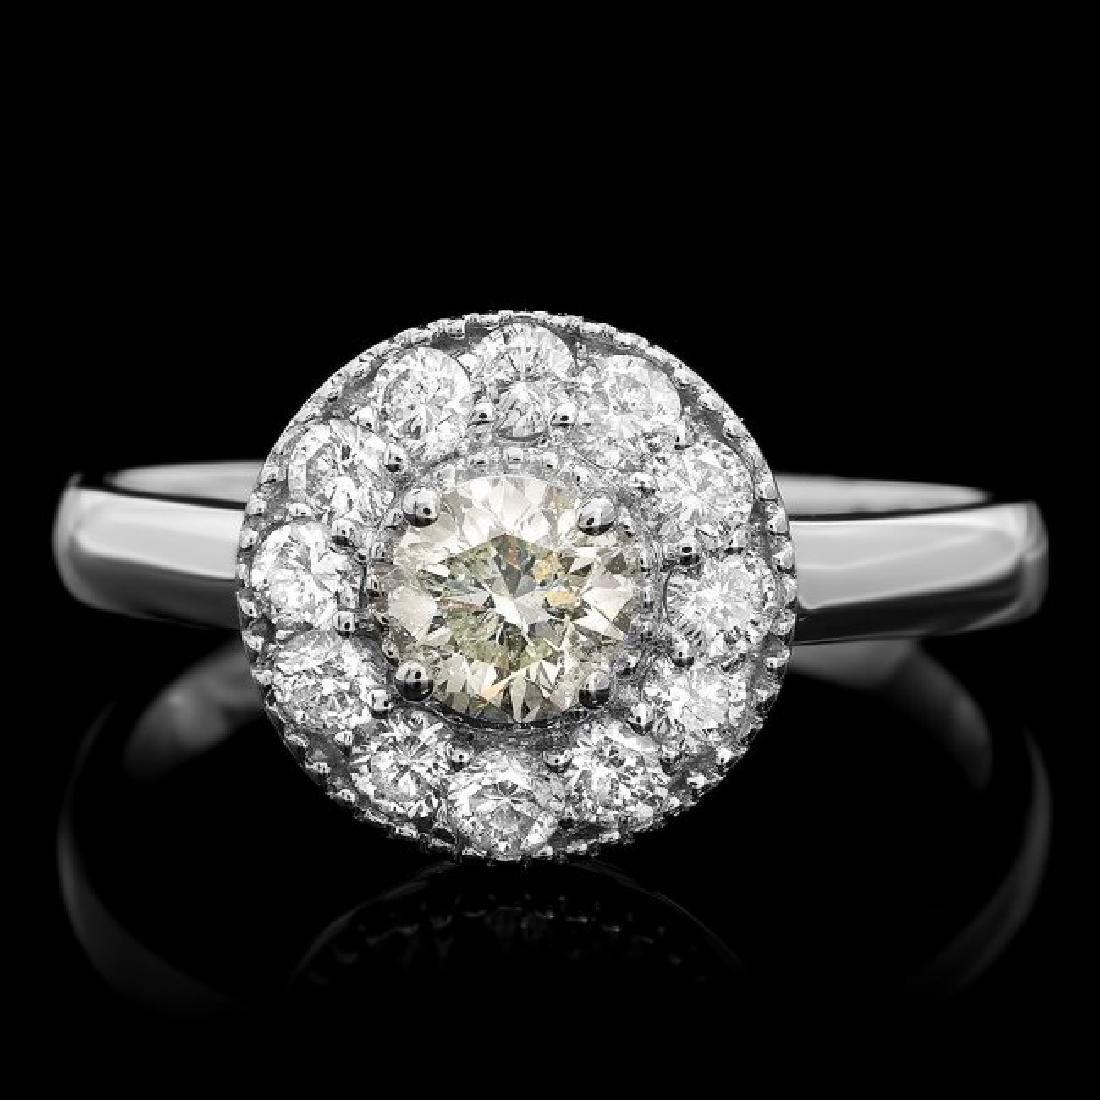 14k White Gold .75ct Diamond Ring